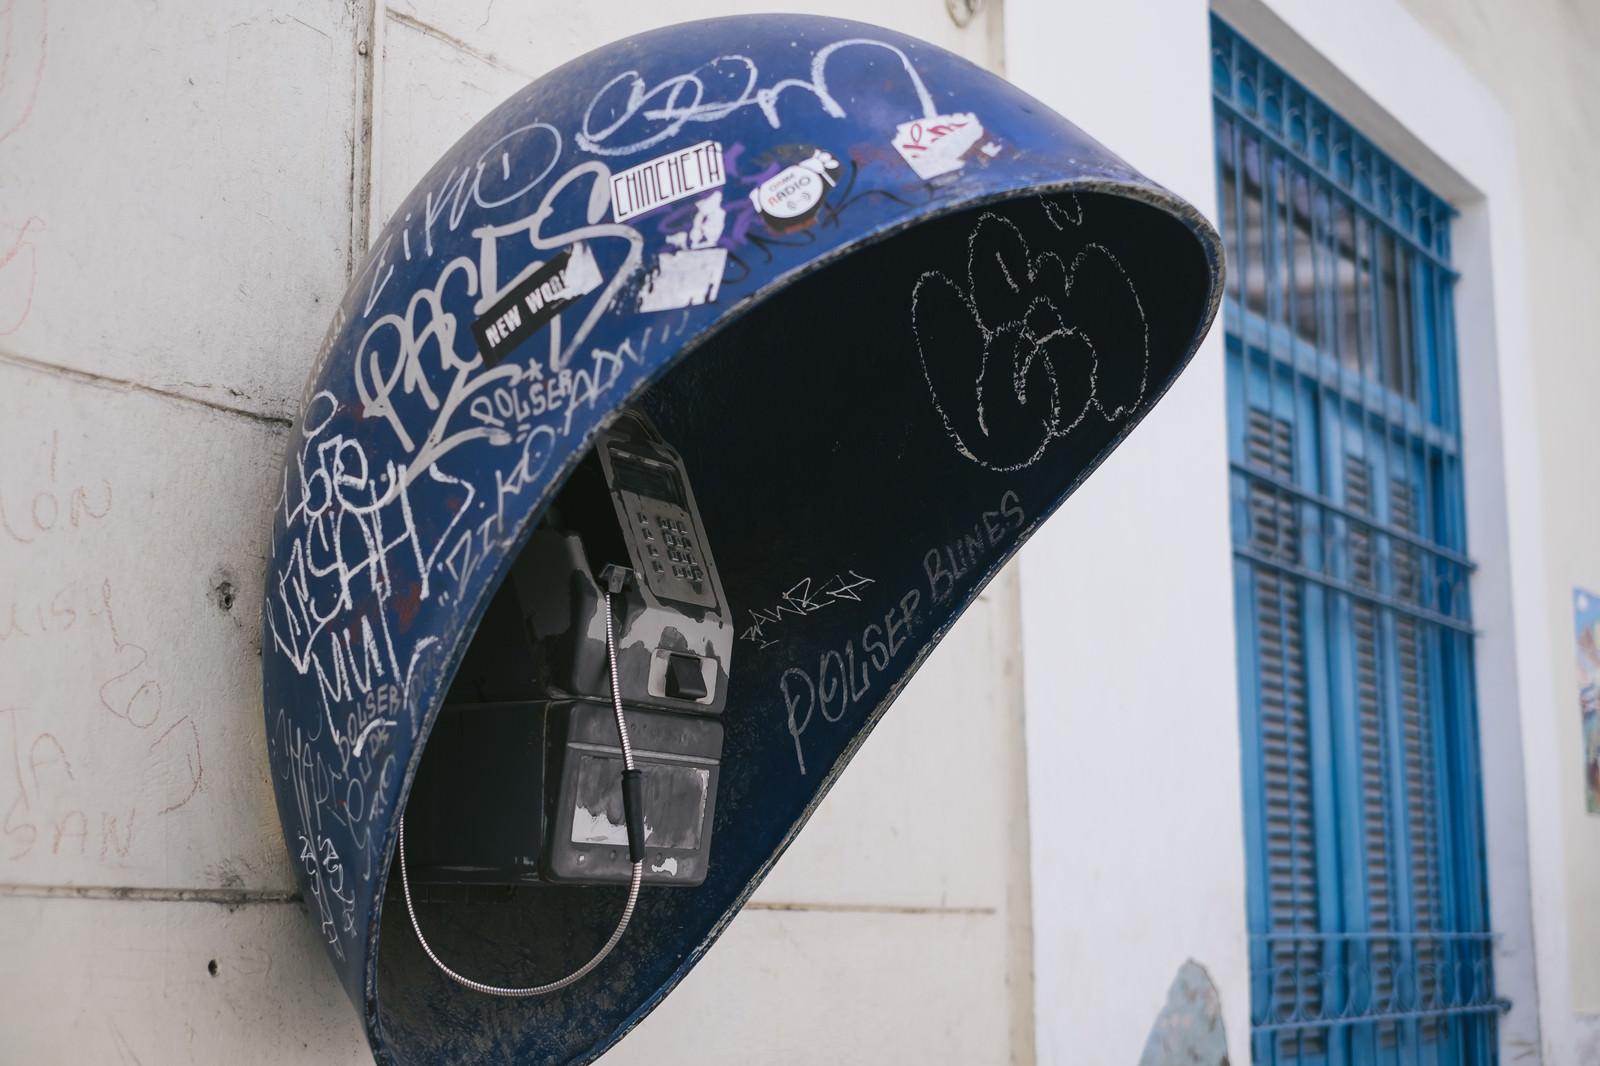 「落書きが多いキューバの公衆電話」の写真